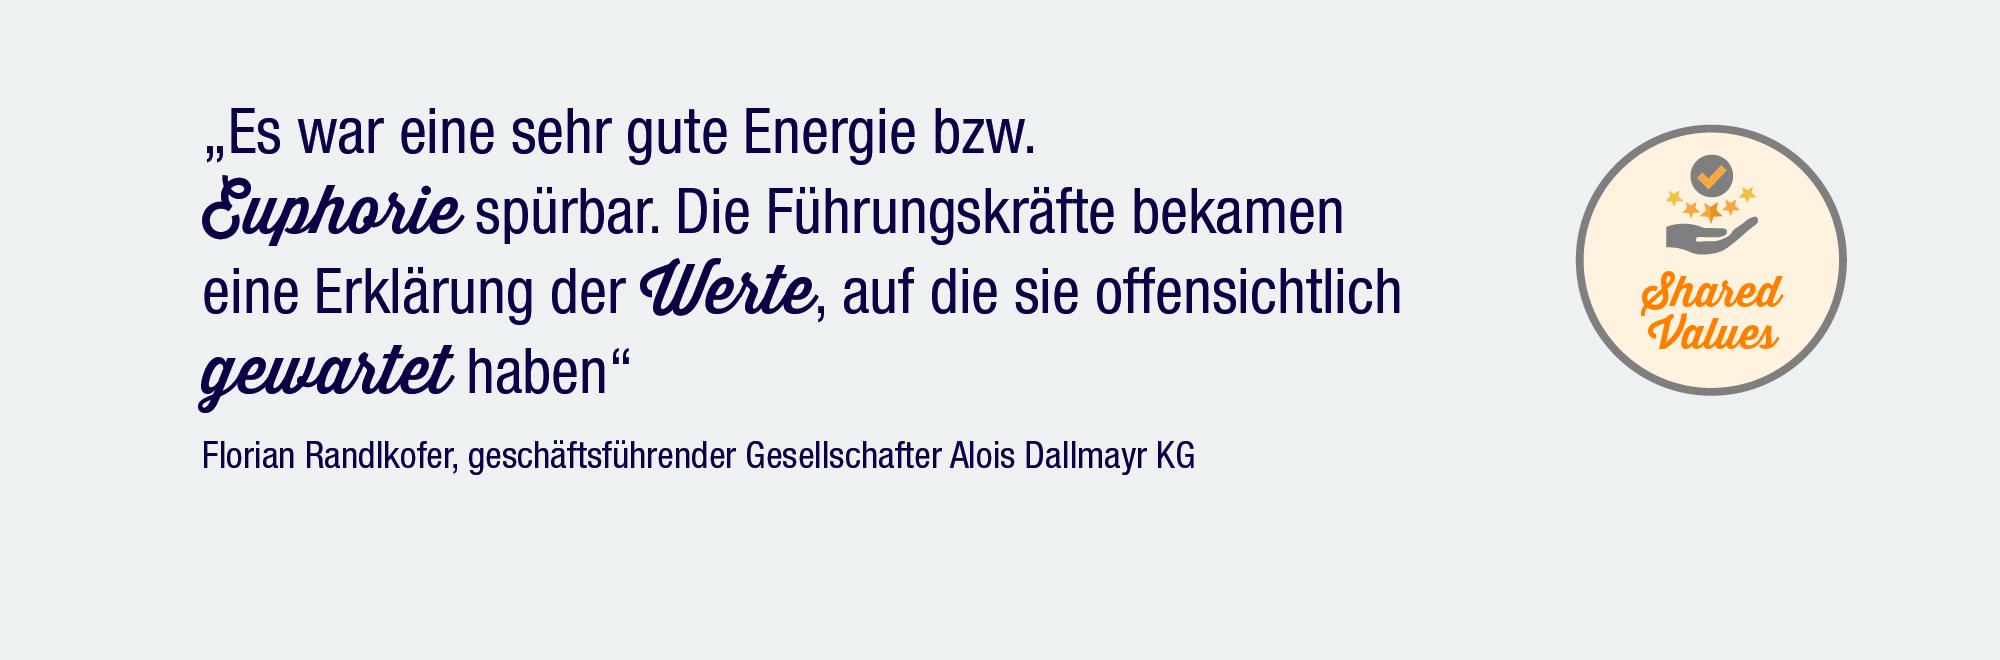 Statement Florian Randlkofer